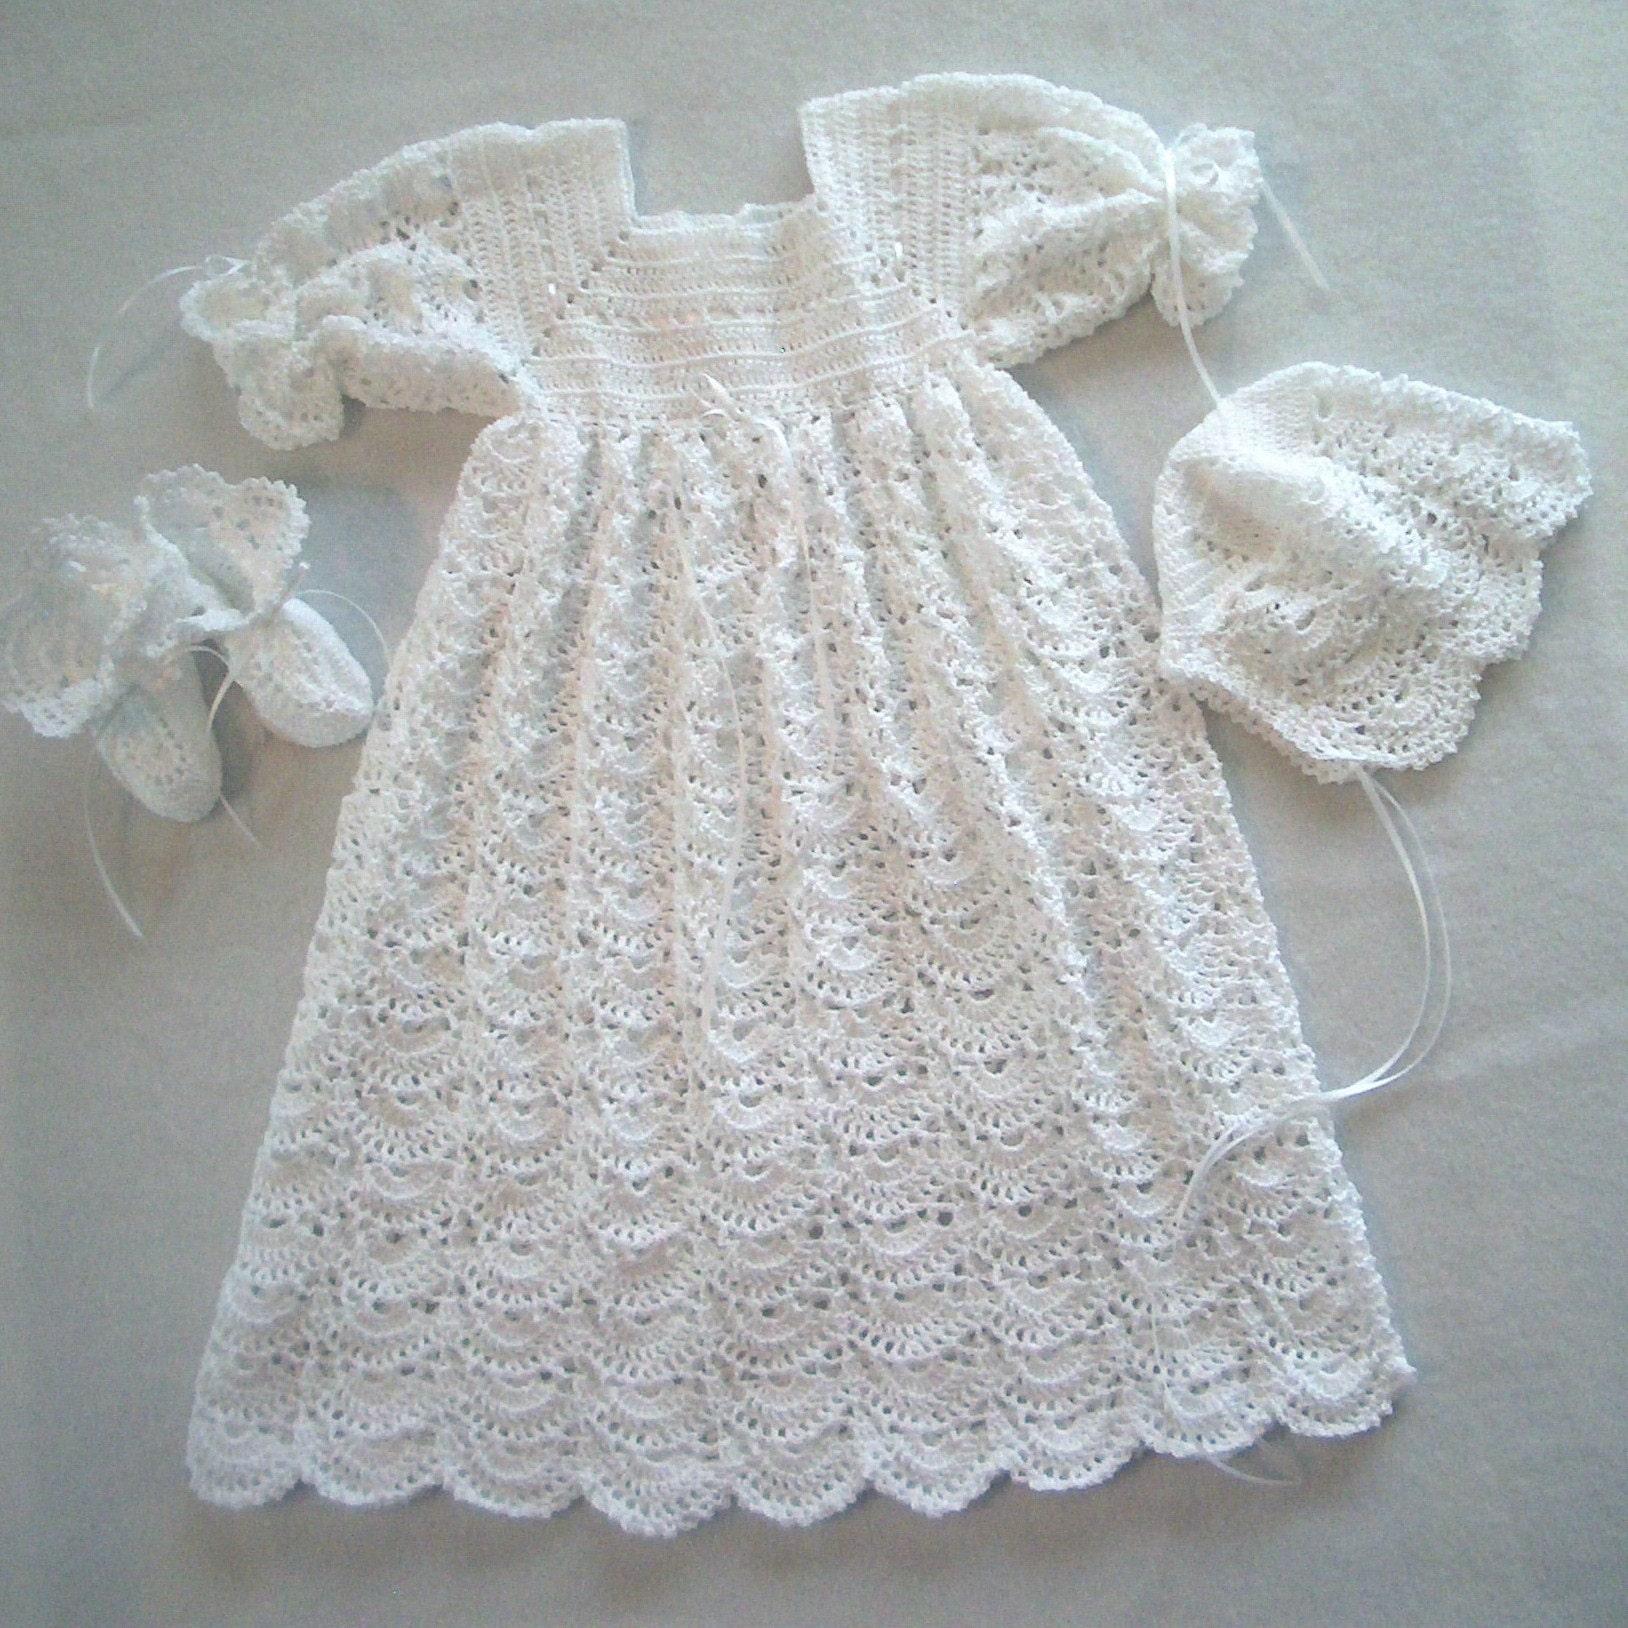 Heirloom Crochet Baby Dress Pattern Dancox for